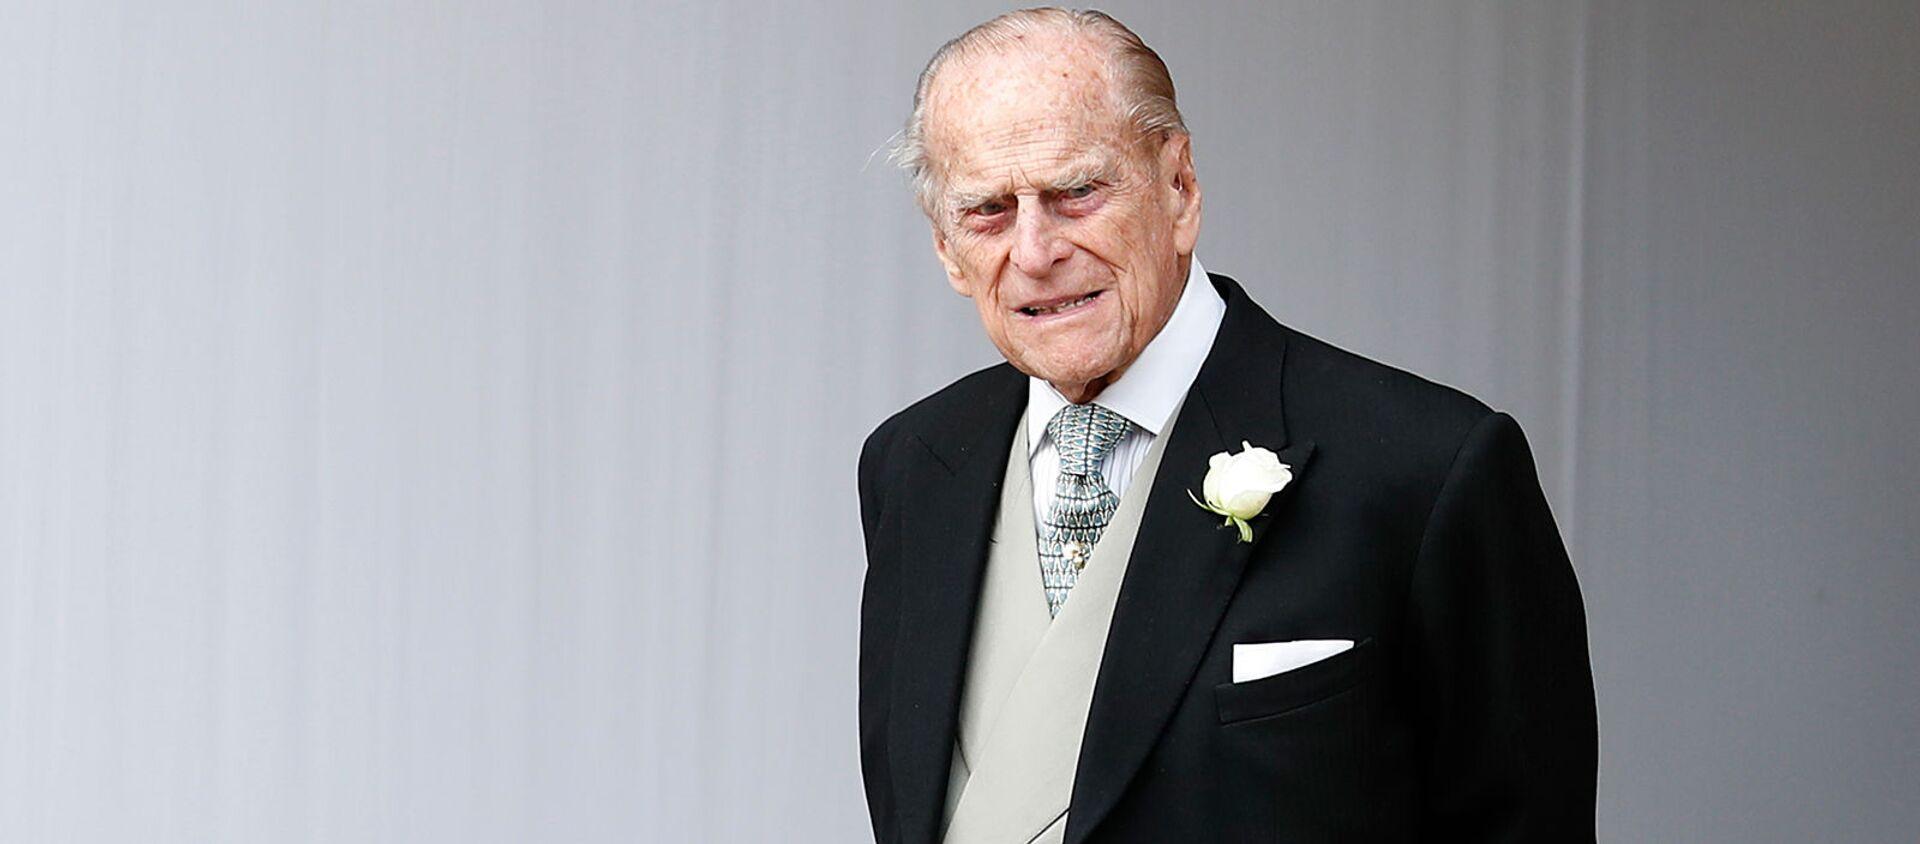 Принц Филипп ждет свадебную процессию принцессы Евгении Йоркской и Джека Бруксбанка в часовне Святого Георгия (12 октября 2018). Виндзорский замок - Sputnik Армения, 1920, 09.04.2021